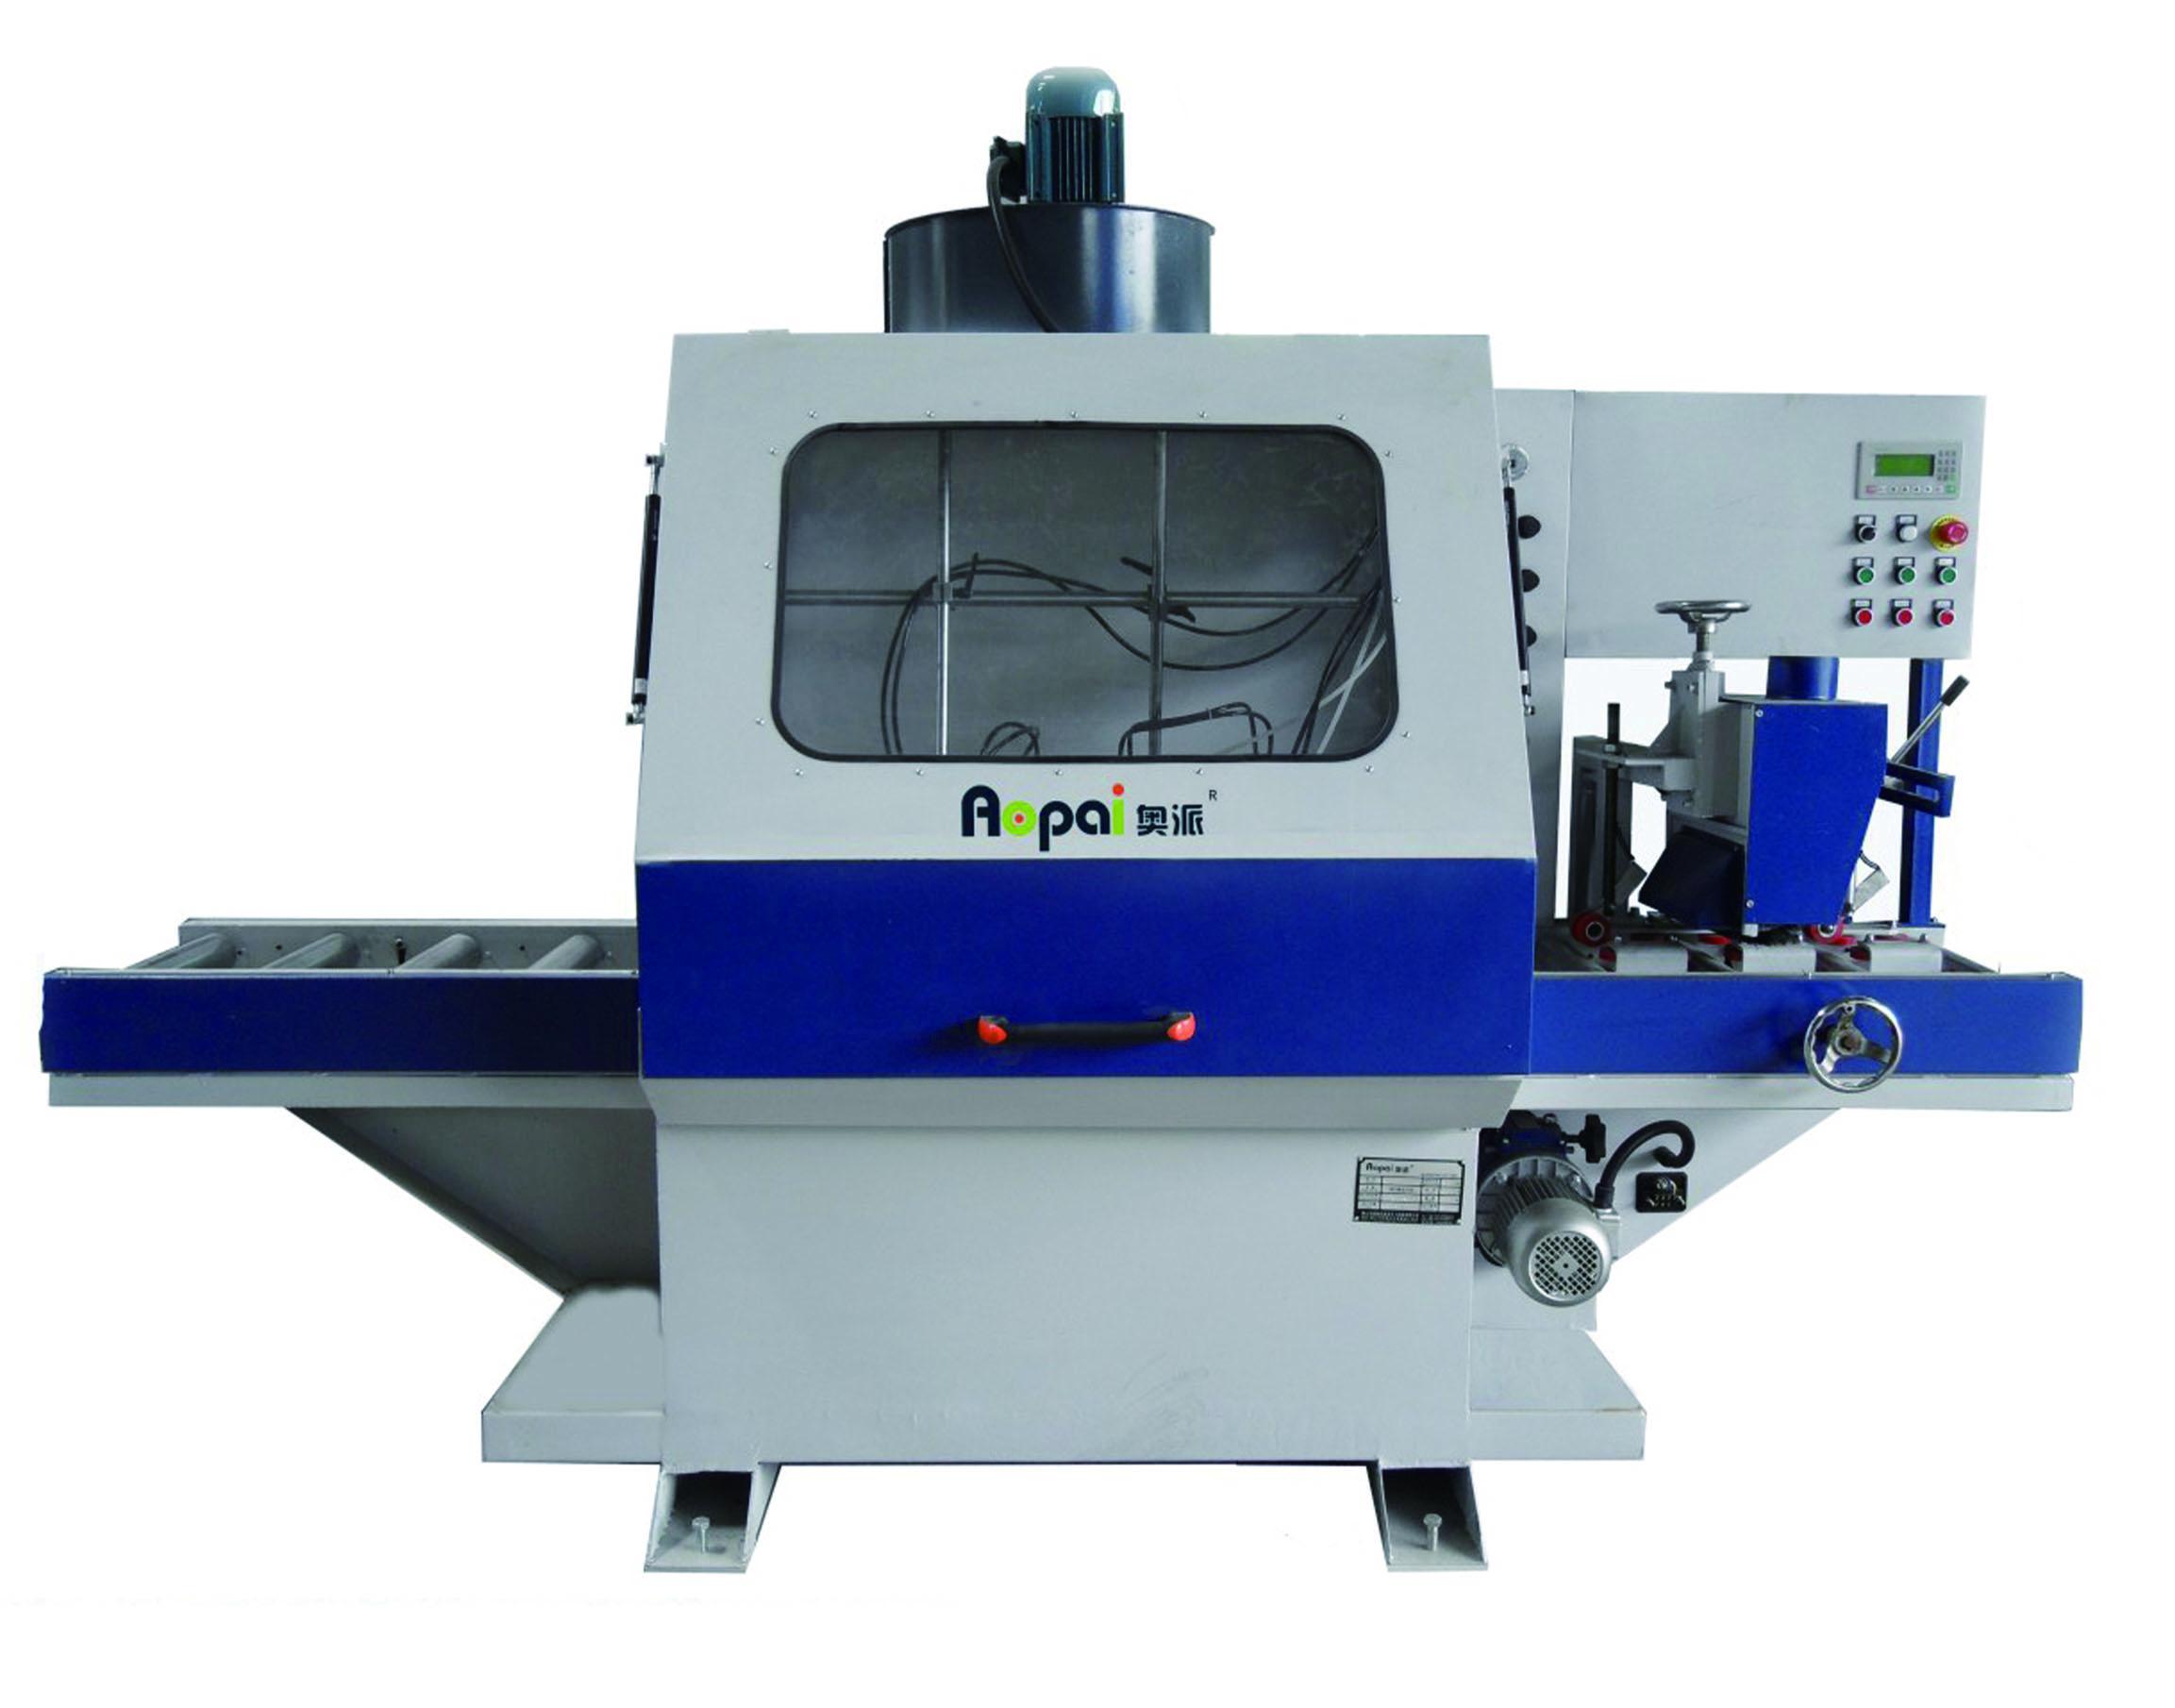 全自动线条喷漆机AP-MP200-广东异形砂光机